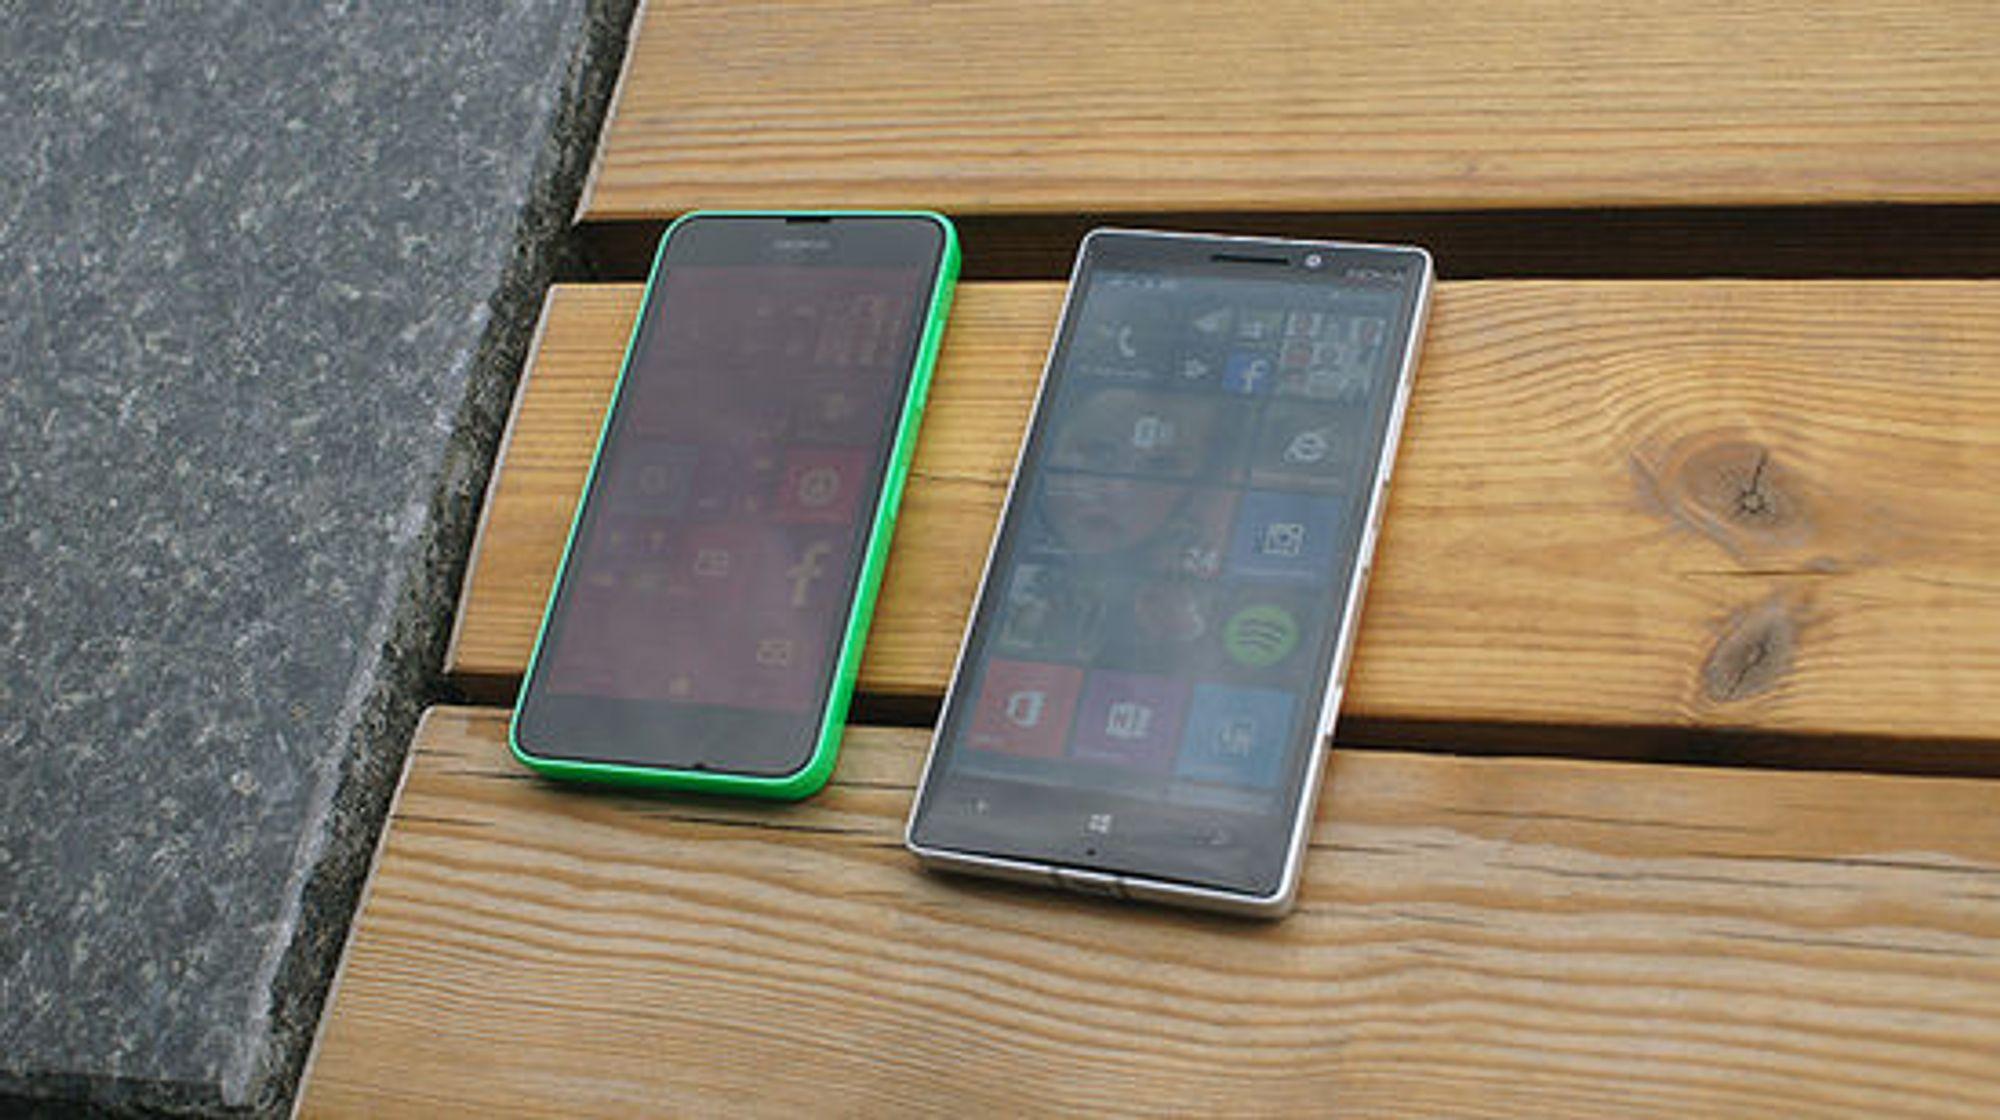 Lumia 630 og 930 er de viktigste modellene akkurat nå.